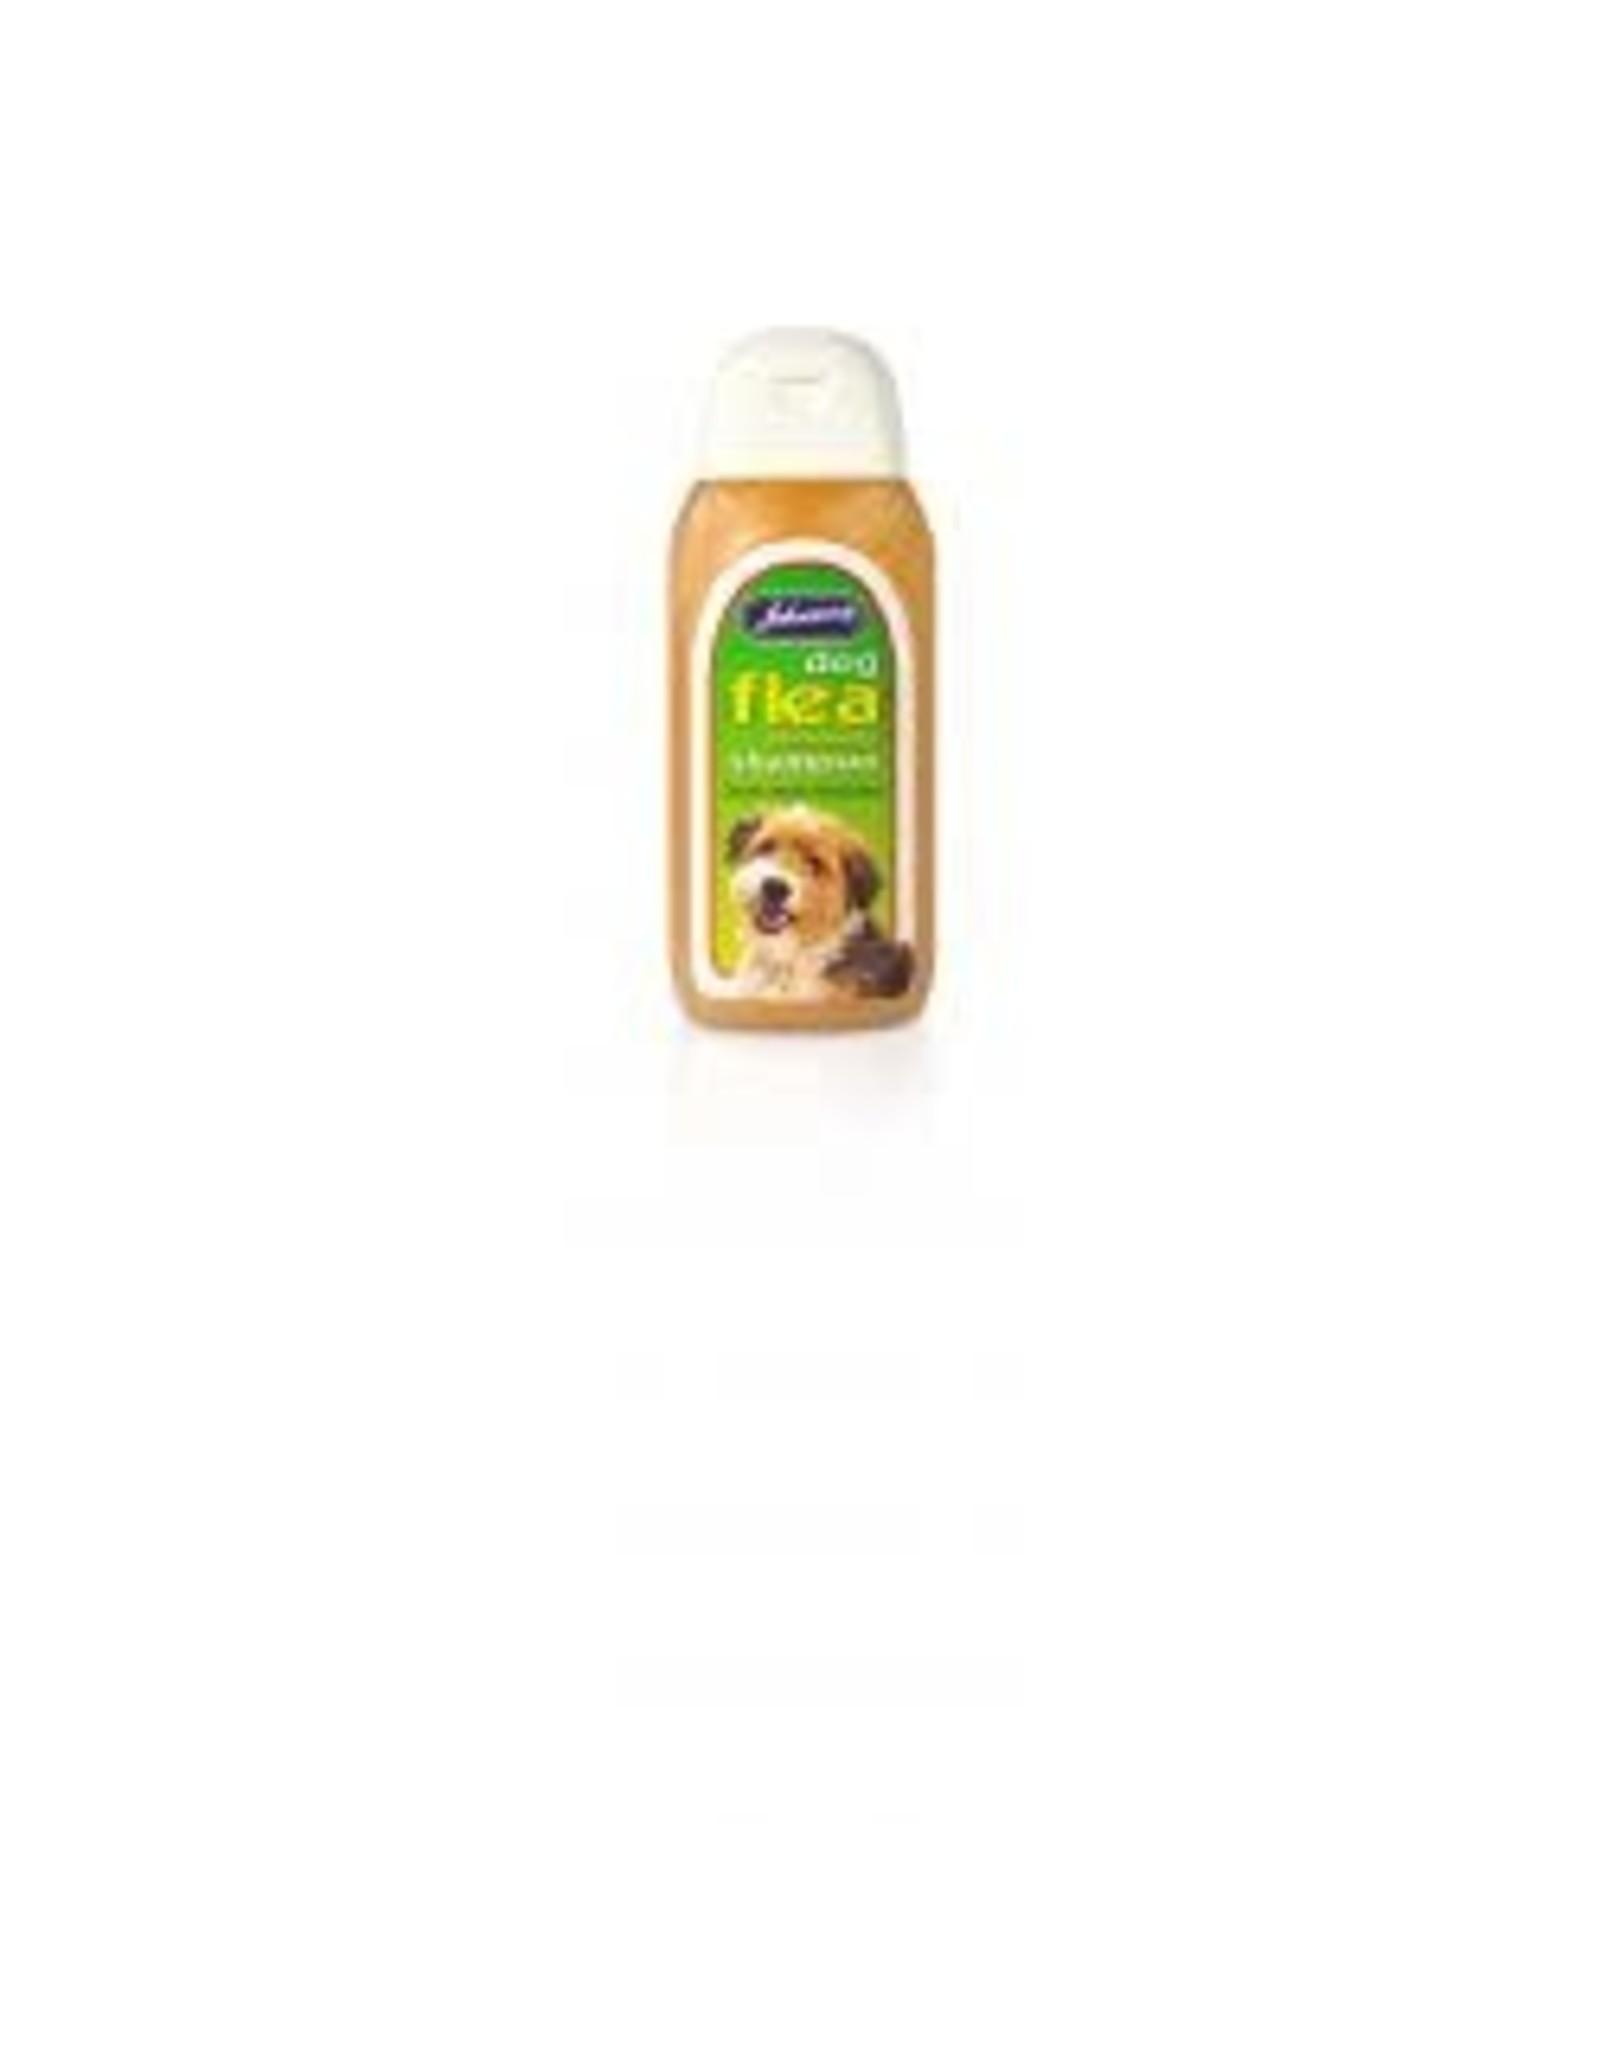 Johnsons Veterinary Products Johnsons Dog Flea Shampoo 200ml